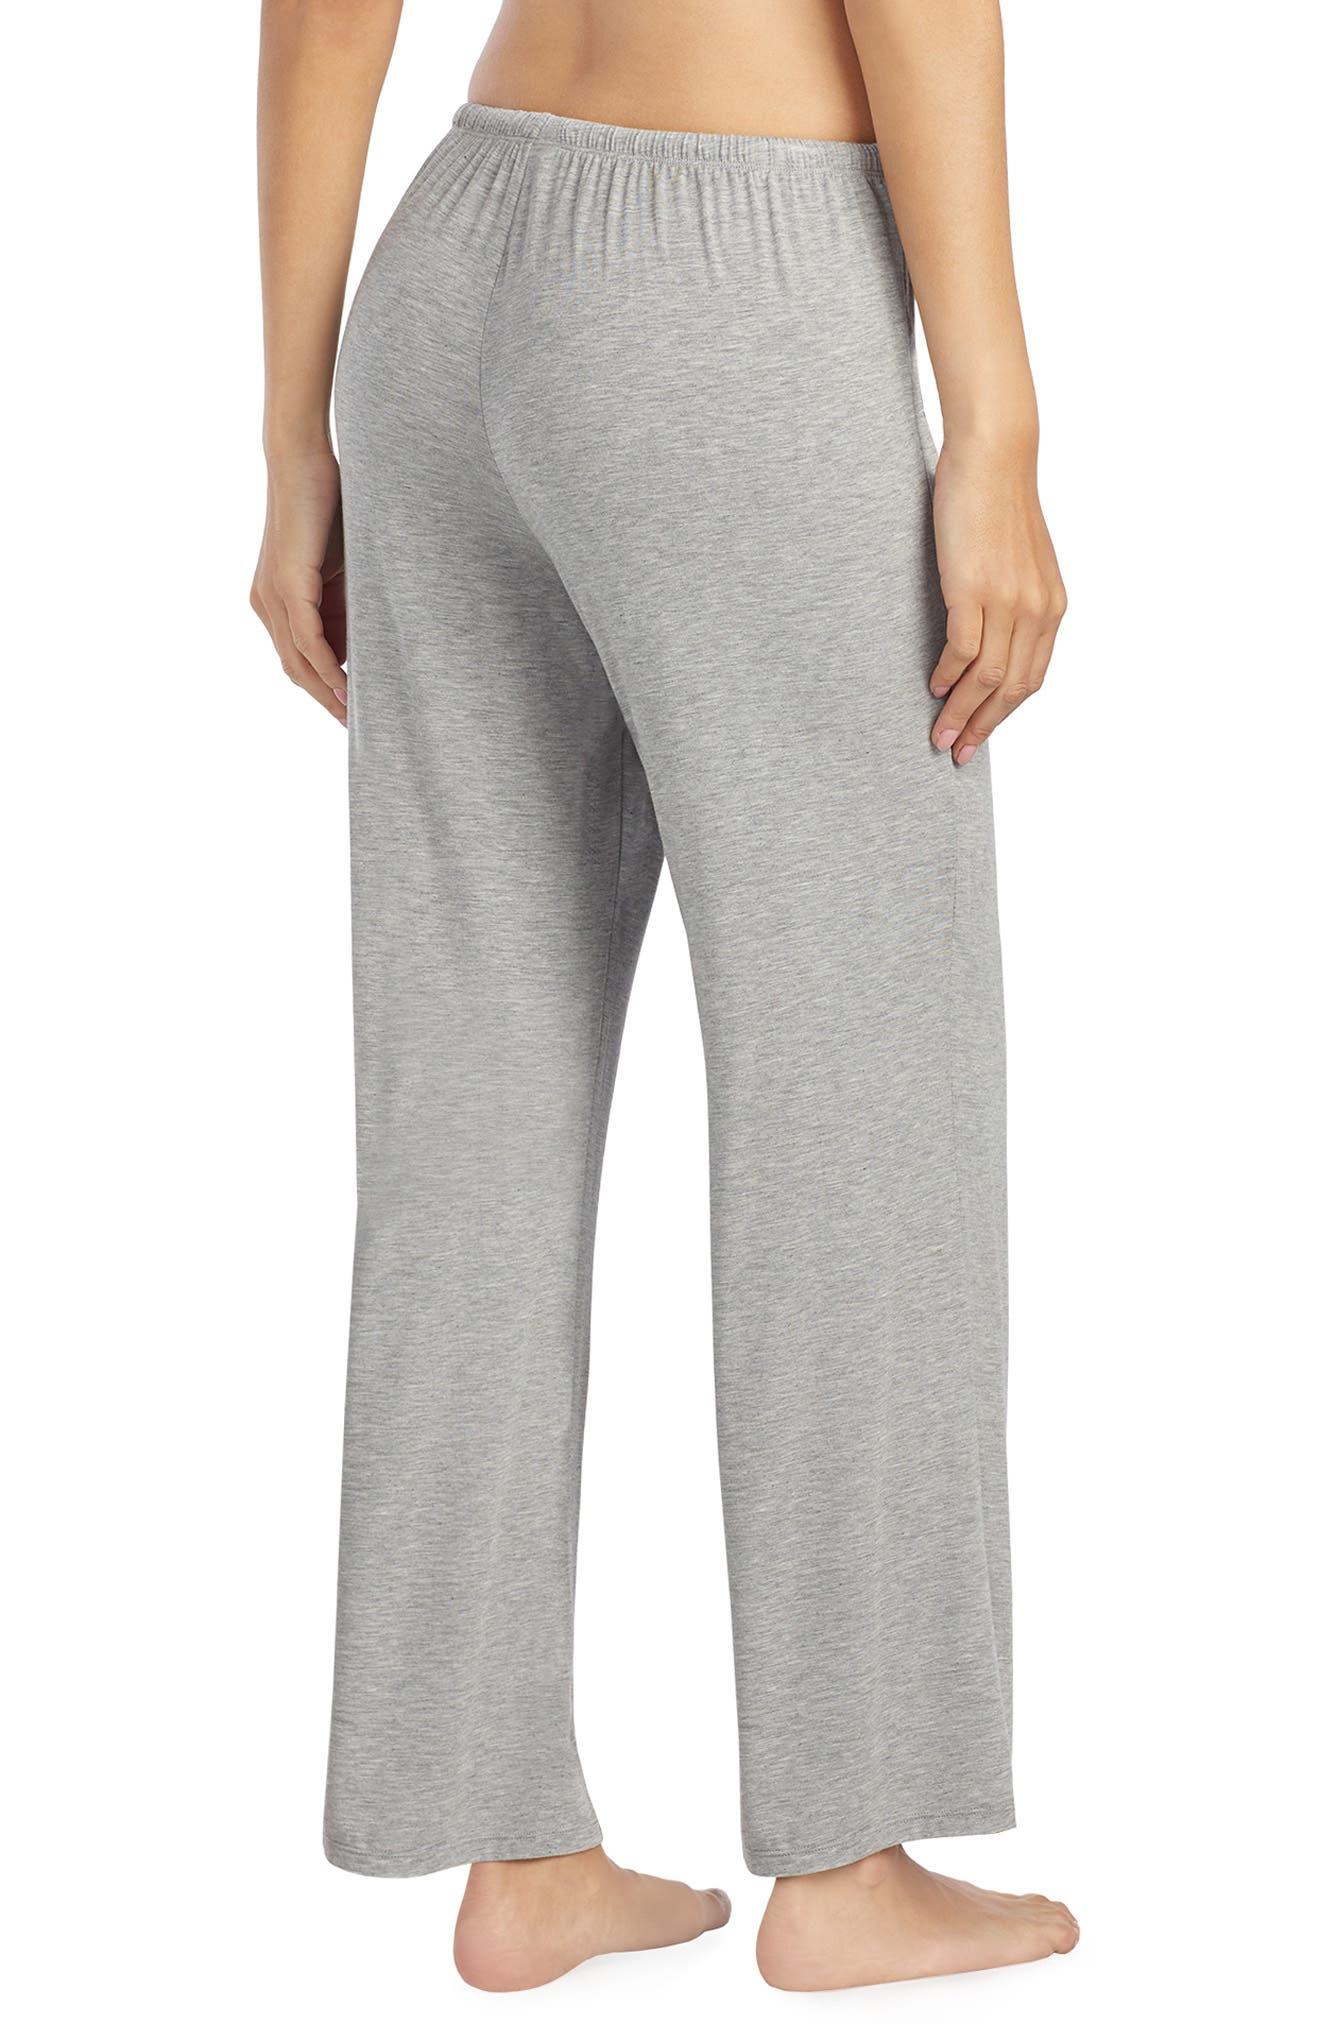 LAUREN RALPH LAUREN, Pajama Pants, Alternate thumbnail 2, color, GREY